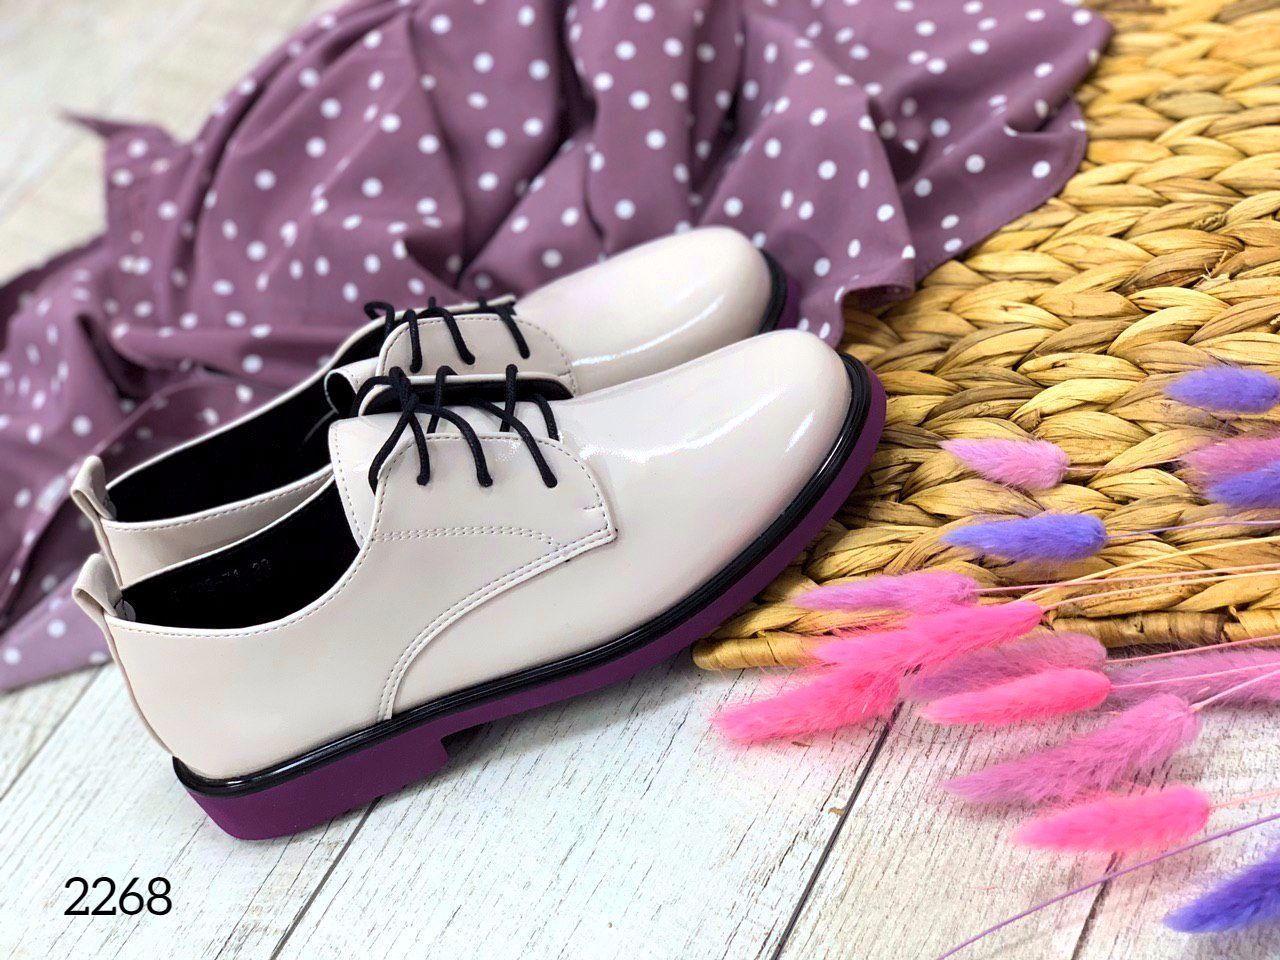 ХИТ ПРОДАЖ!! Ботинки -туфли женские. Арт.2268